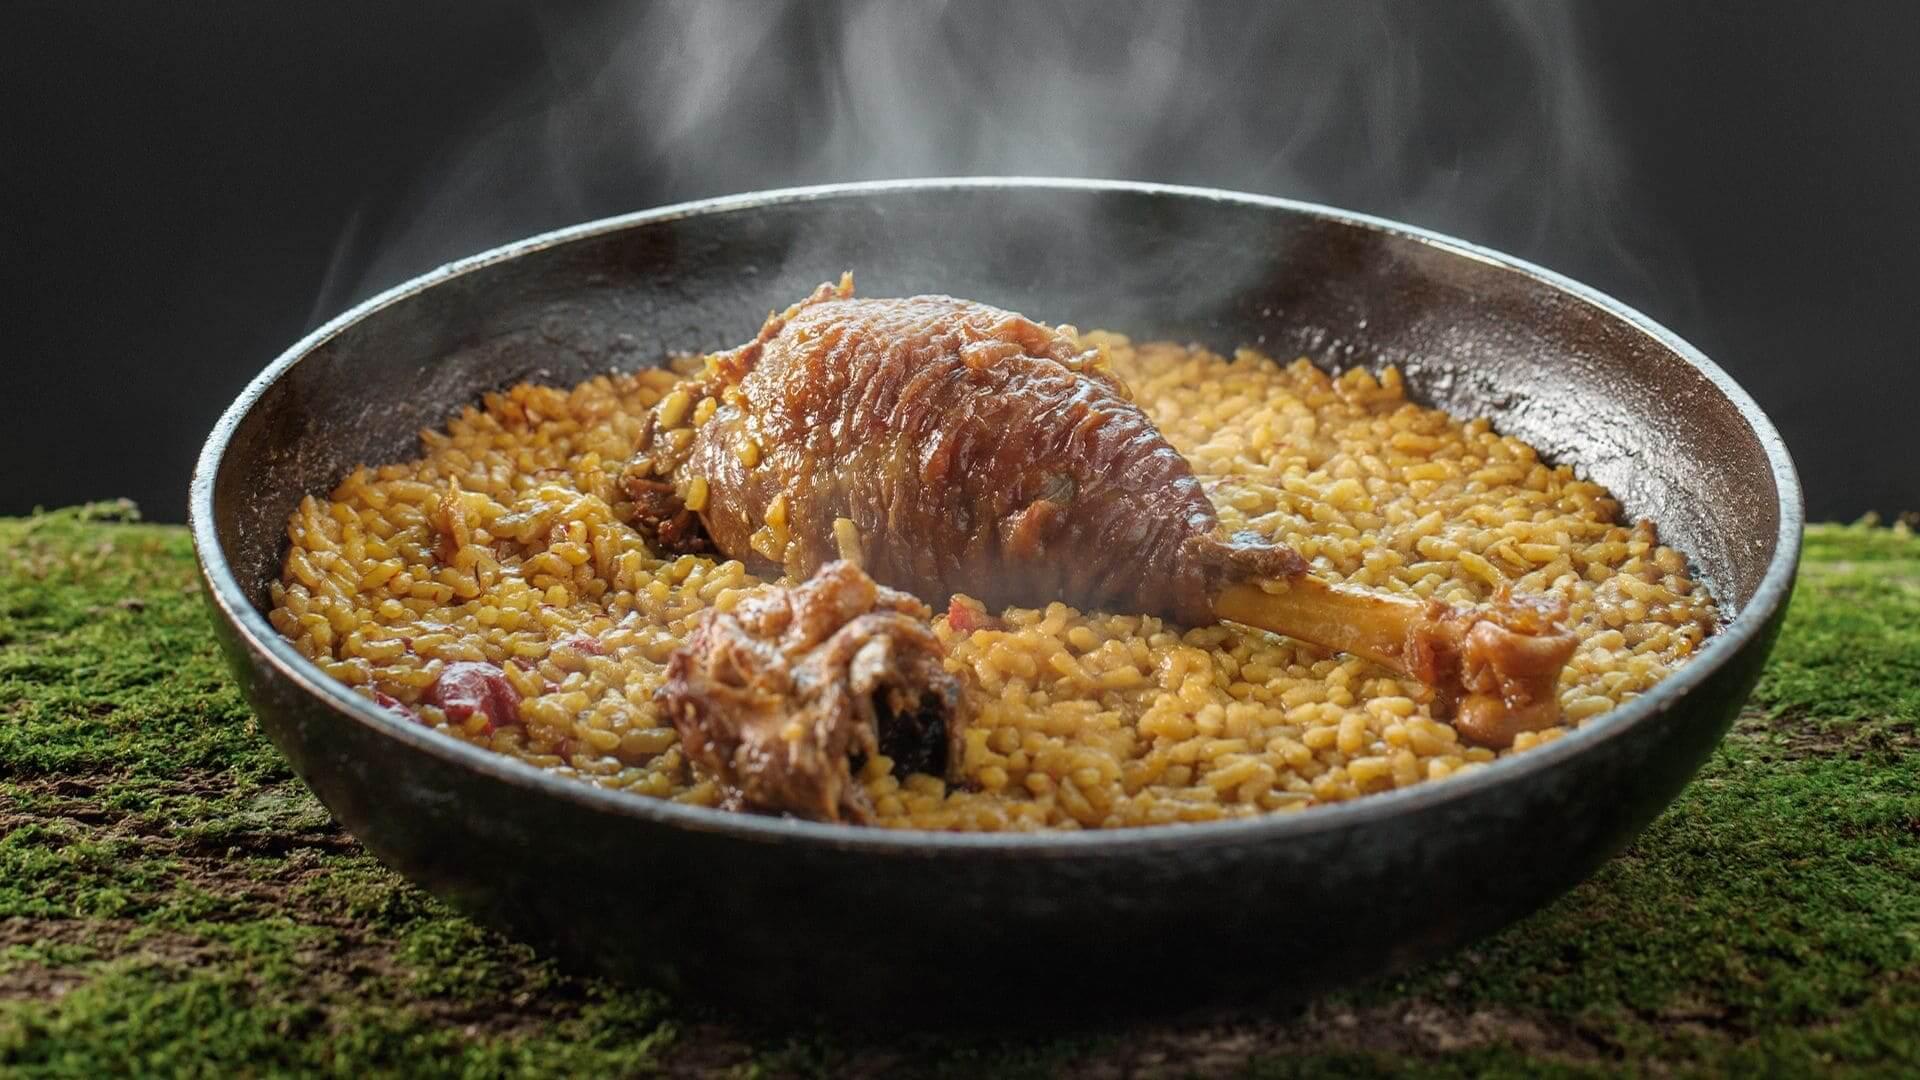 Una cena de estrella Michelin en casa, una velada para recordar